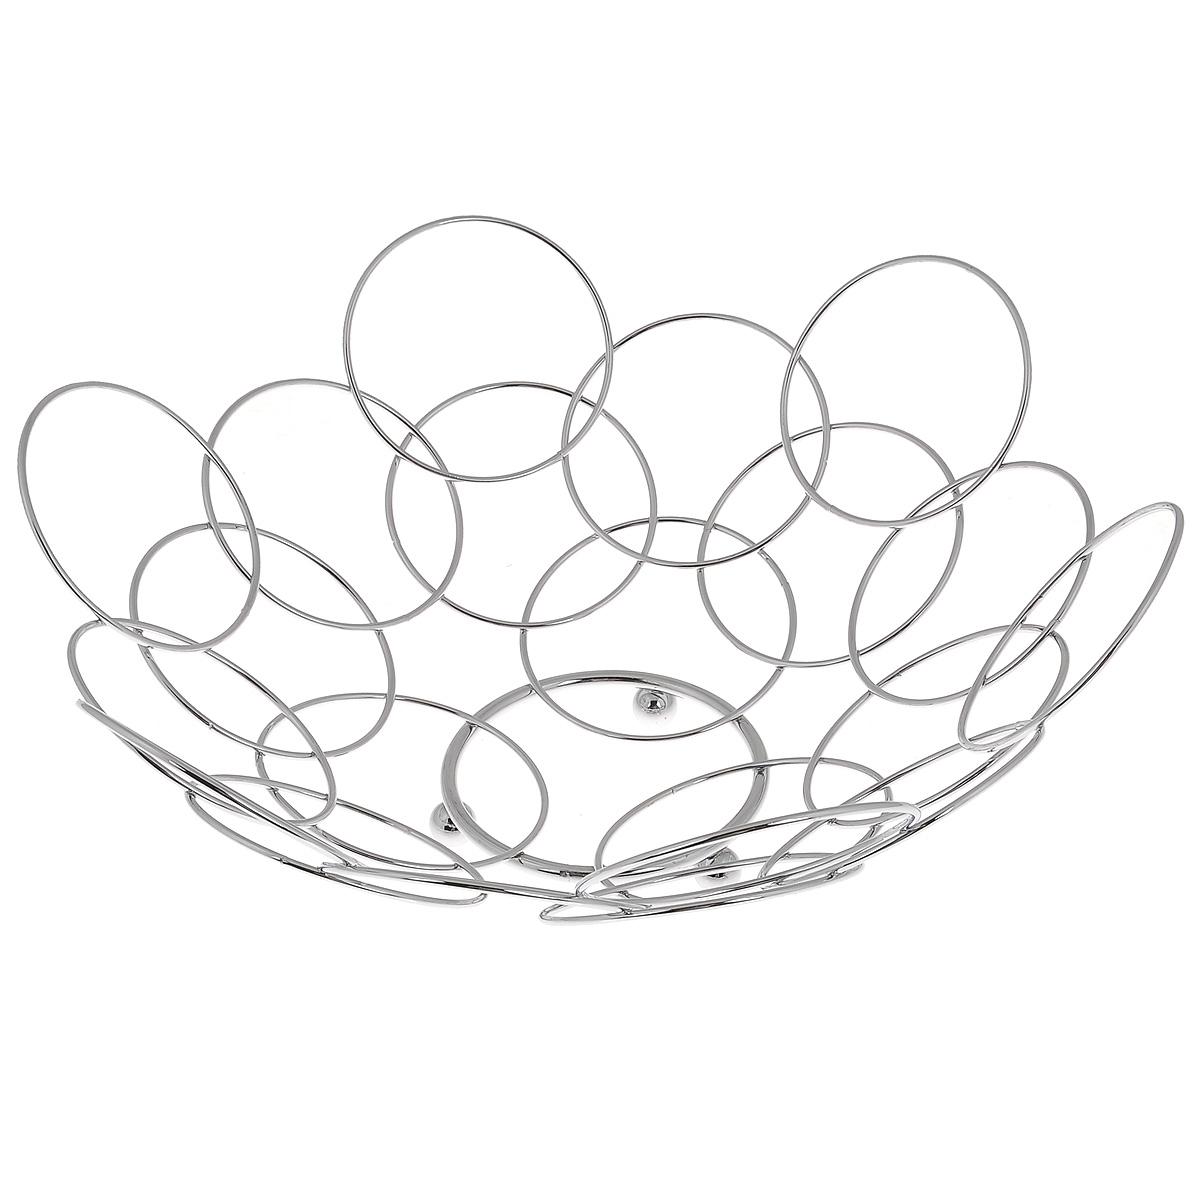 Фруктовница Kesper, диаметр 36 см9084-5Оригинальная фруктовница Kesper, изготовленная из металла с хромированной поверхностью, идеально подходит для хранения и красивой сервировки любых фруктов. Современный дизайн фруктовницы идеально впишется в интерьер вашей кухни. Вместительная фруктовница Kesper позволит красиво уложить фрукты, сделав сервировку стола изысканной и незабываемой.Диаметр: 36 см.Высота: 14 см.